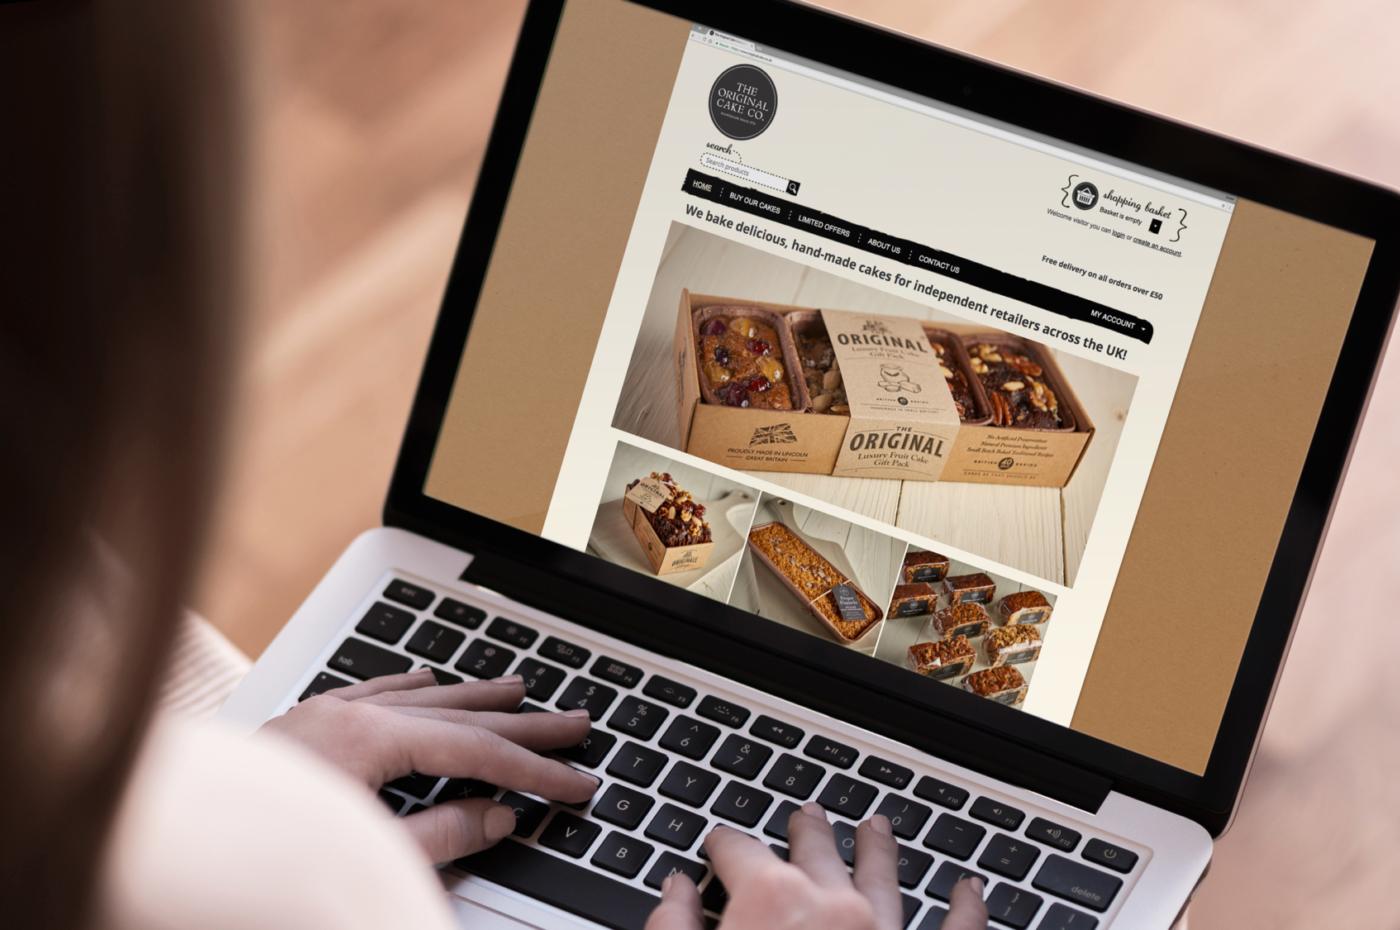 Original Cake e-commerce web design